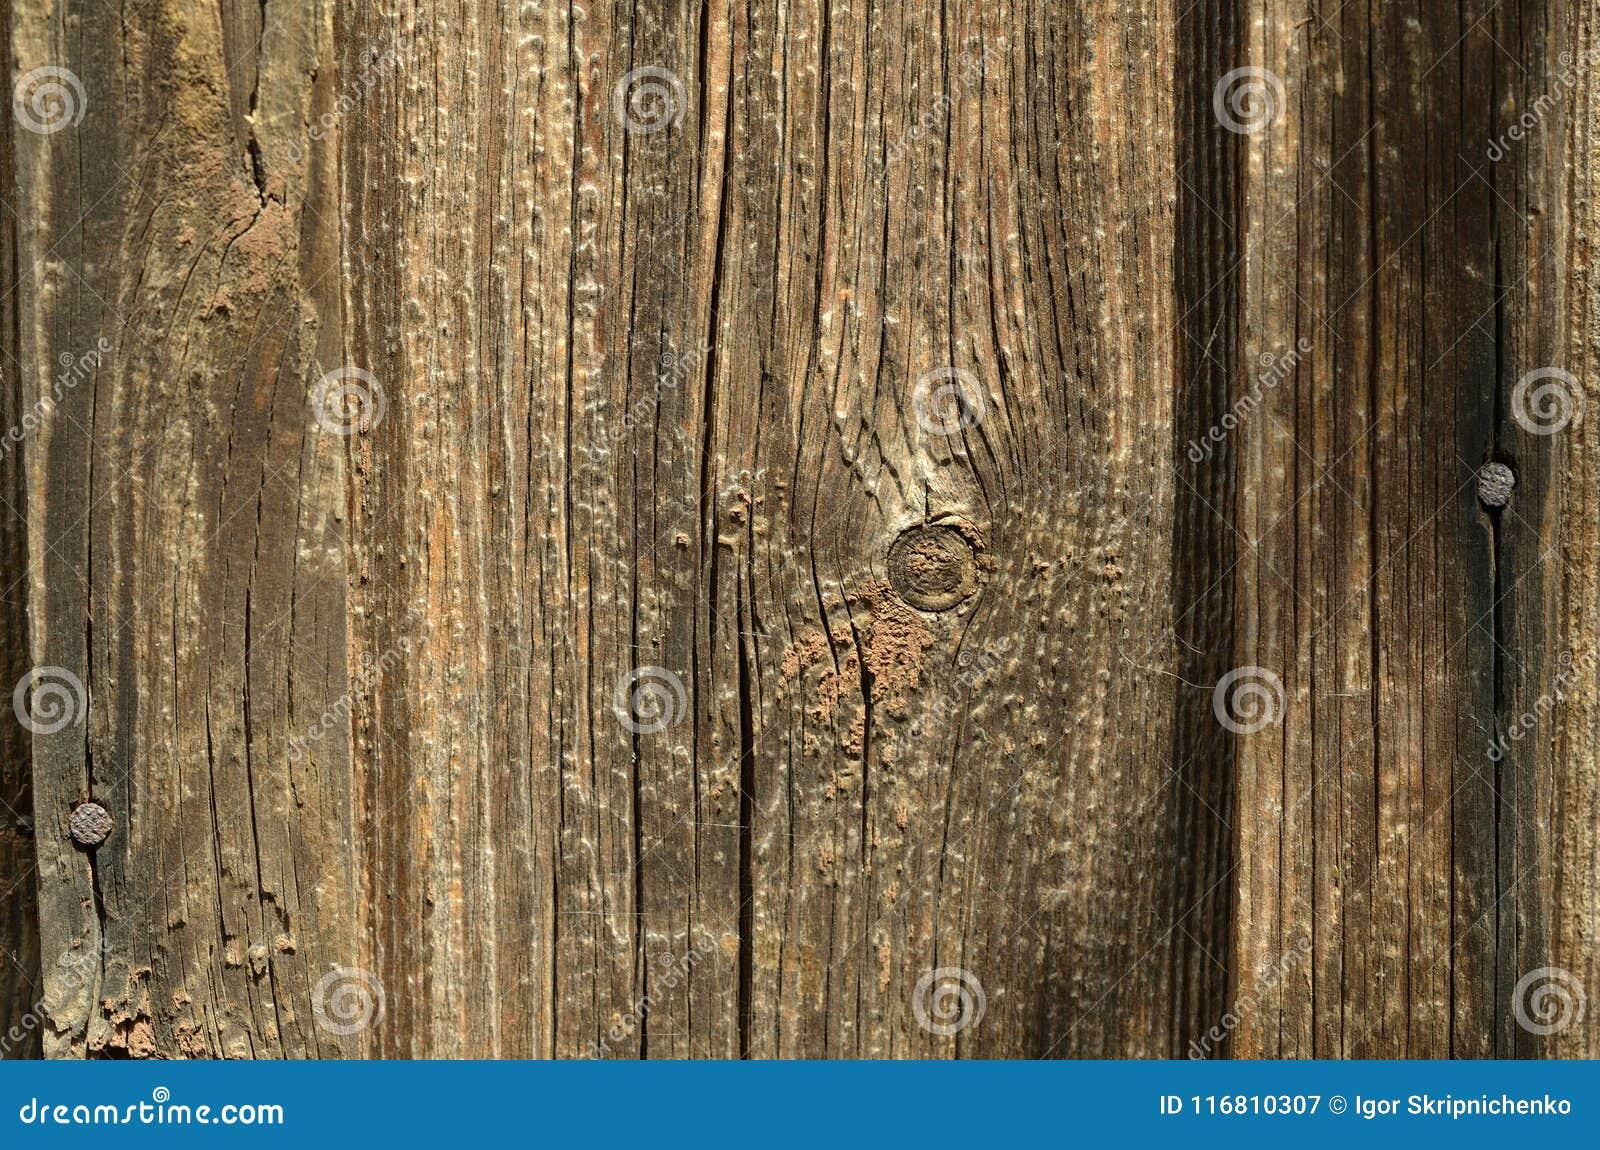 Bordo di legno senza pittura, struttura di marrone scuro